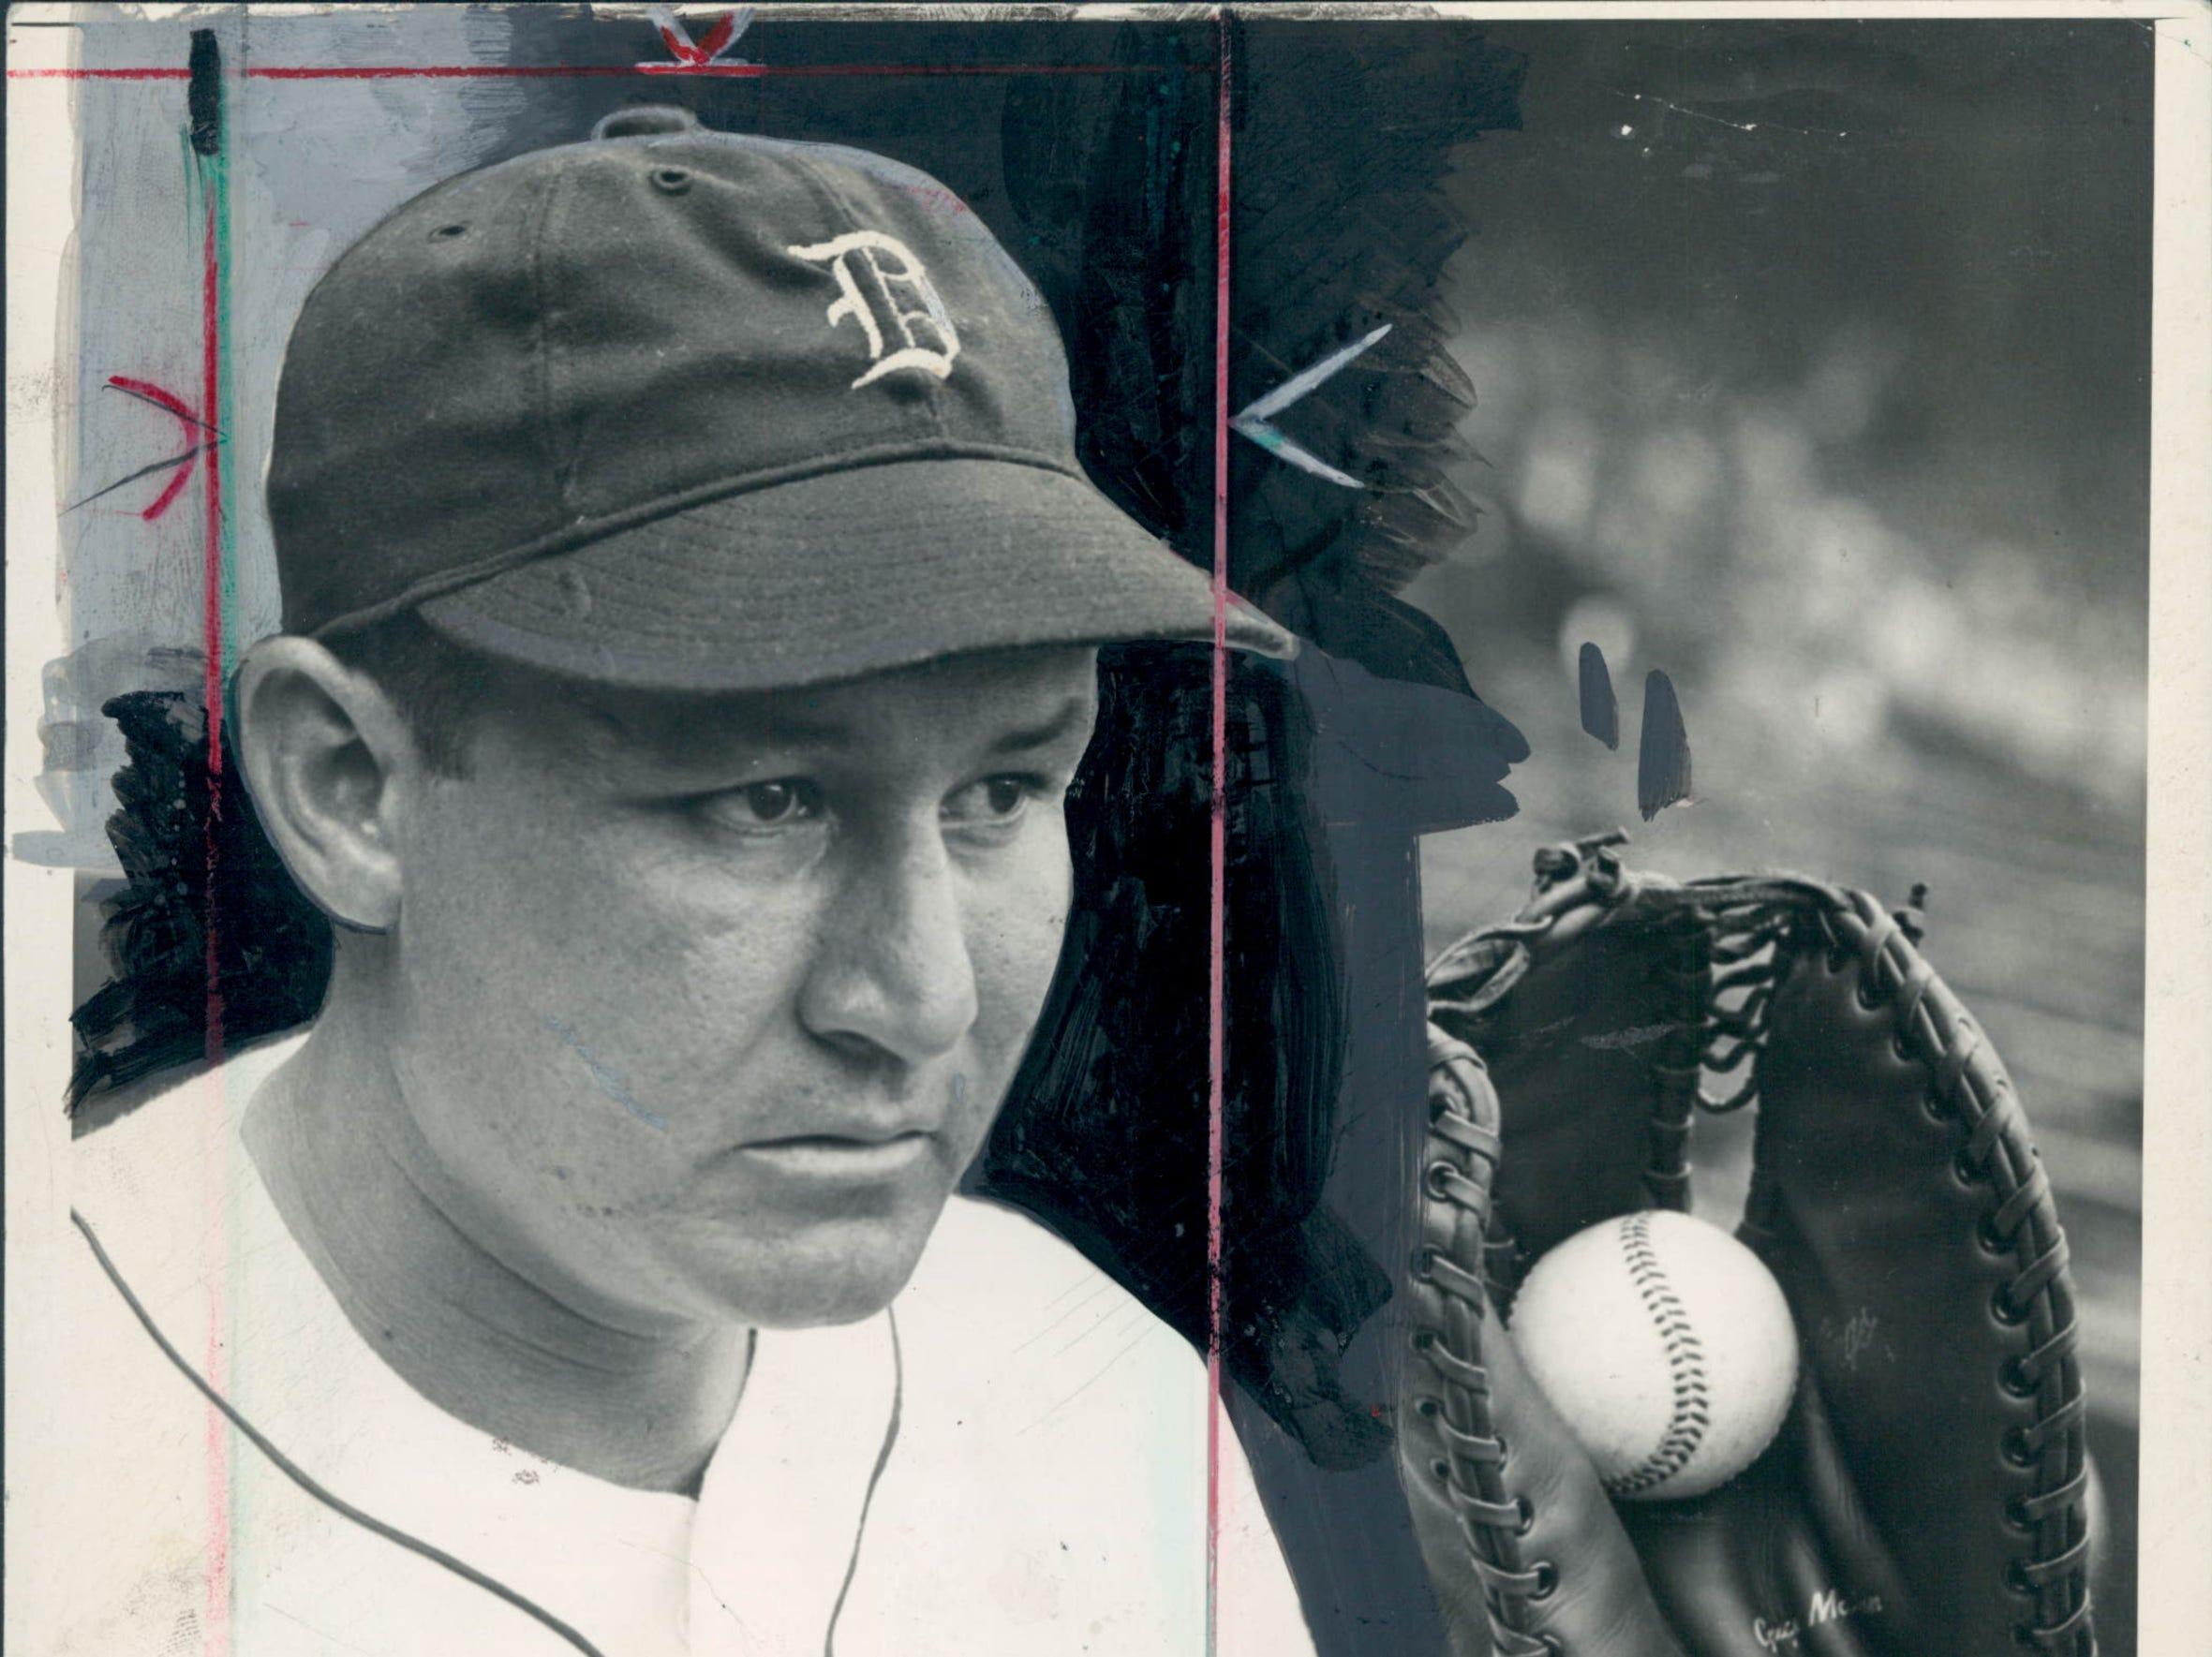 No. 4: Rudy York